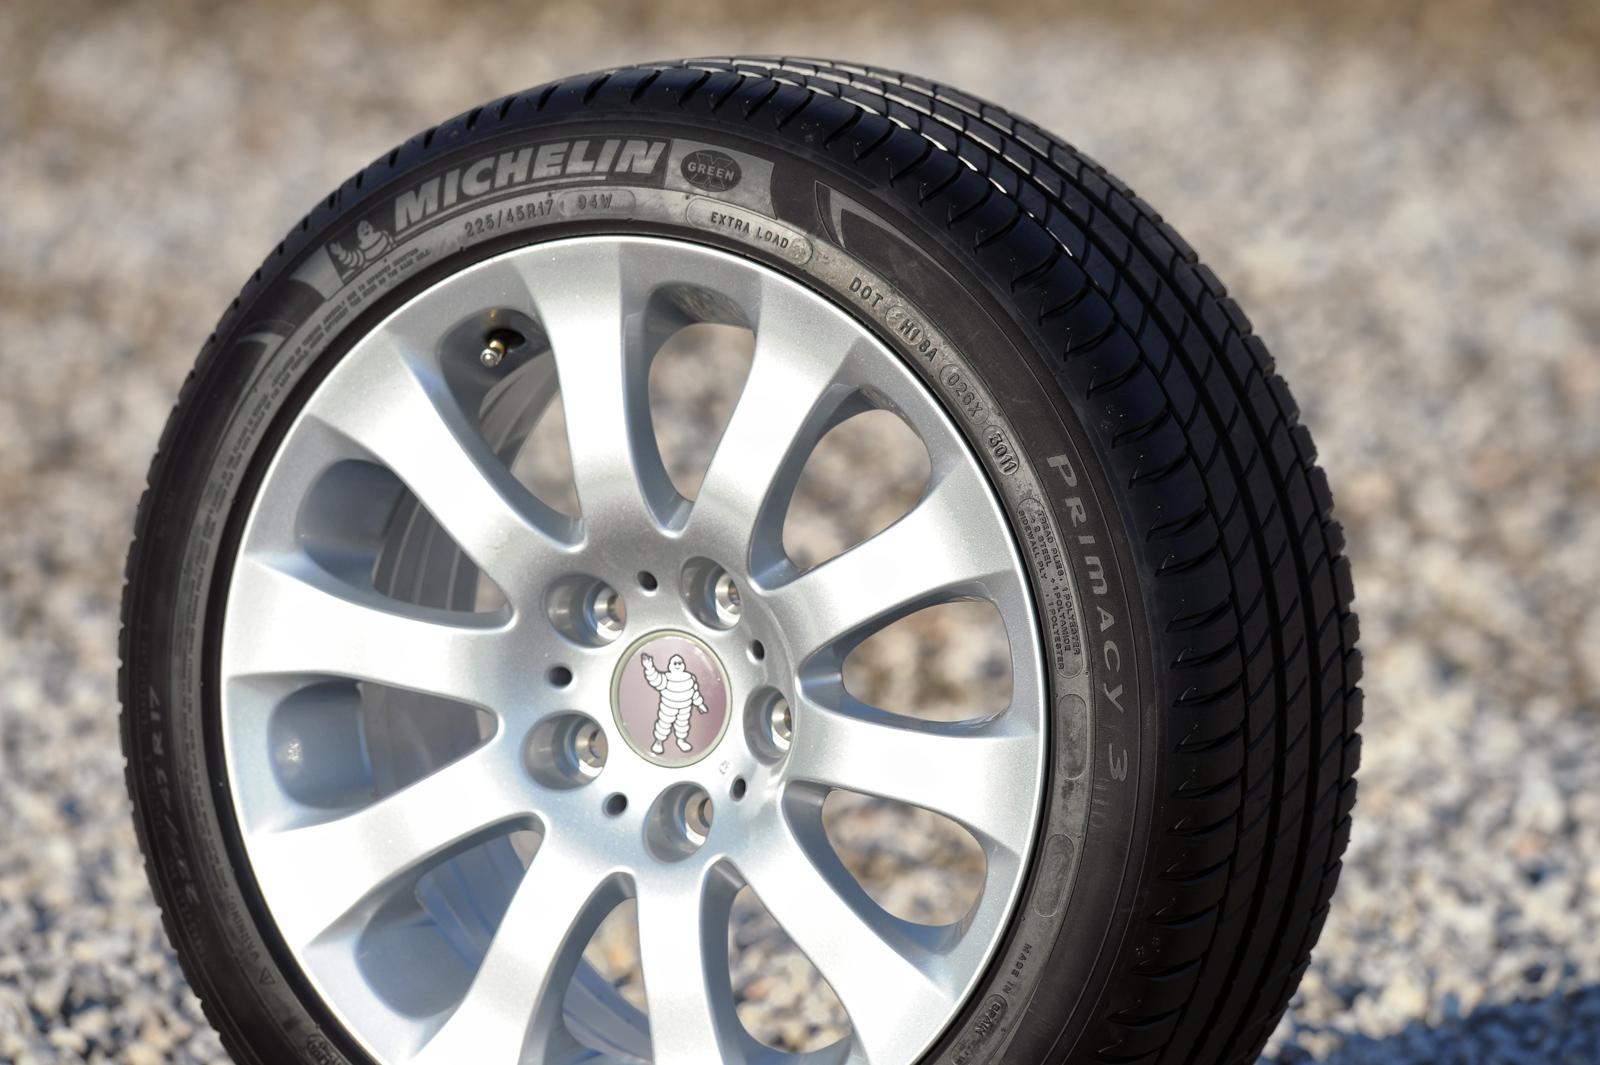 Foto michelin primacy 3 50 neumaticos michelin for Maceteros con ruedas de coche